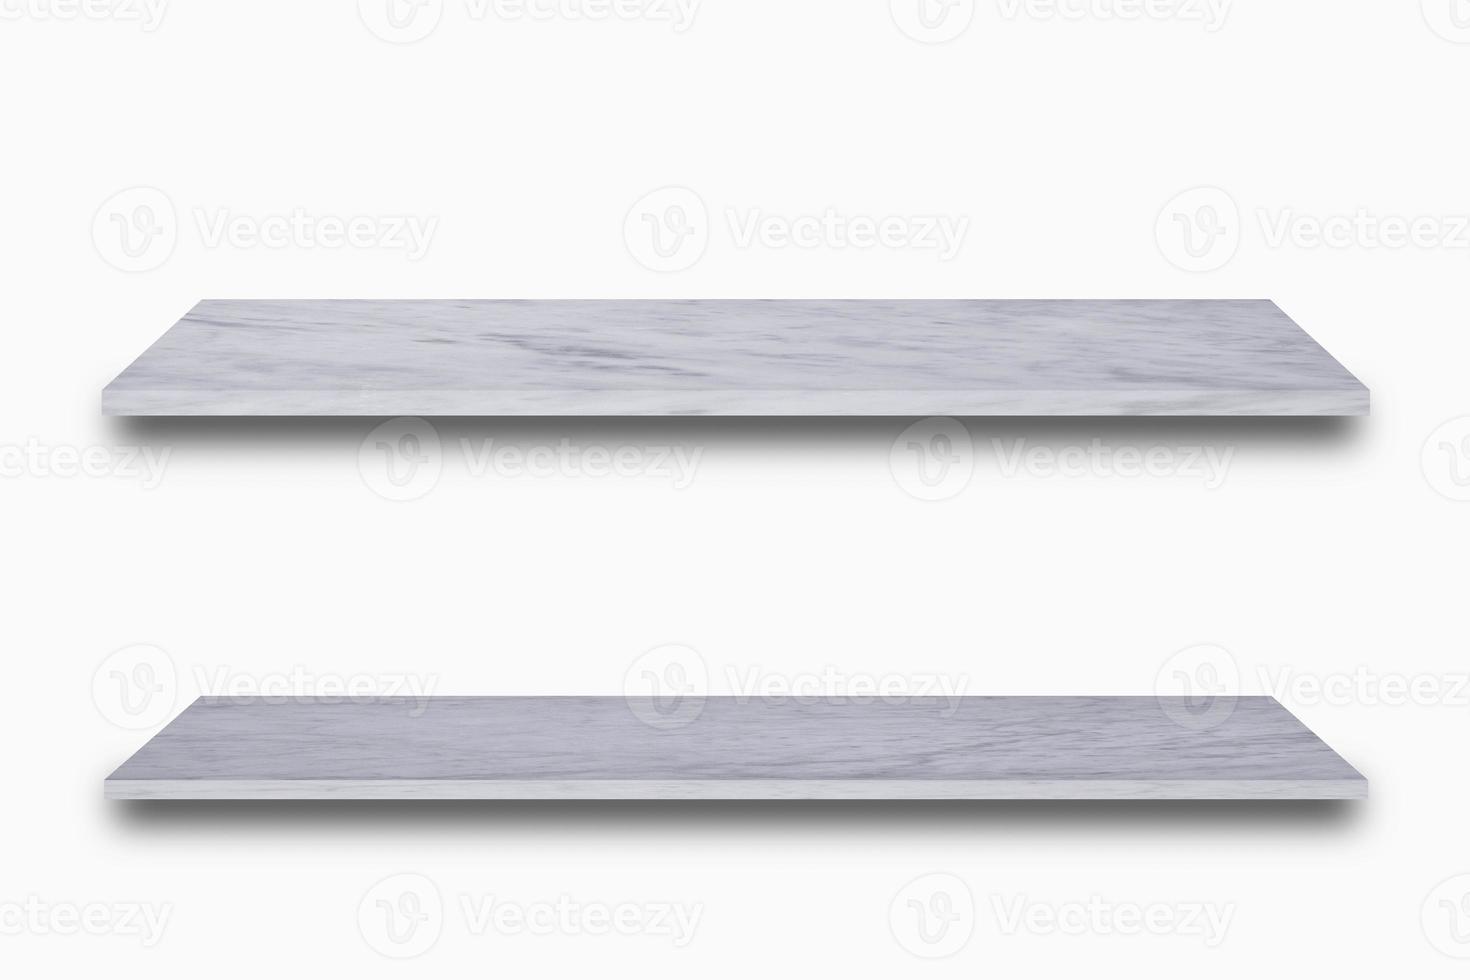 deux étagères en marbre sur fond blanc photo